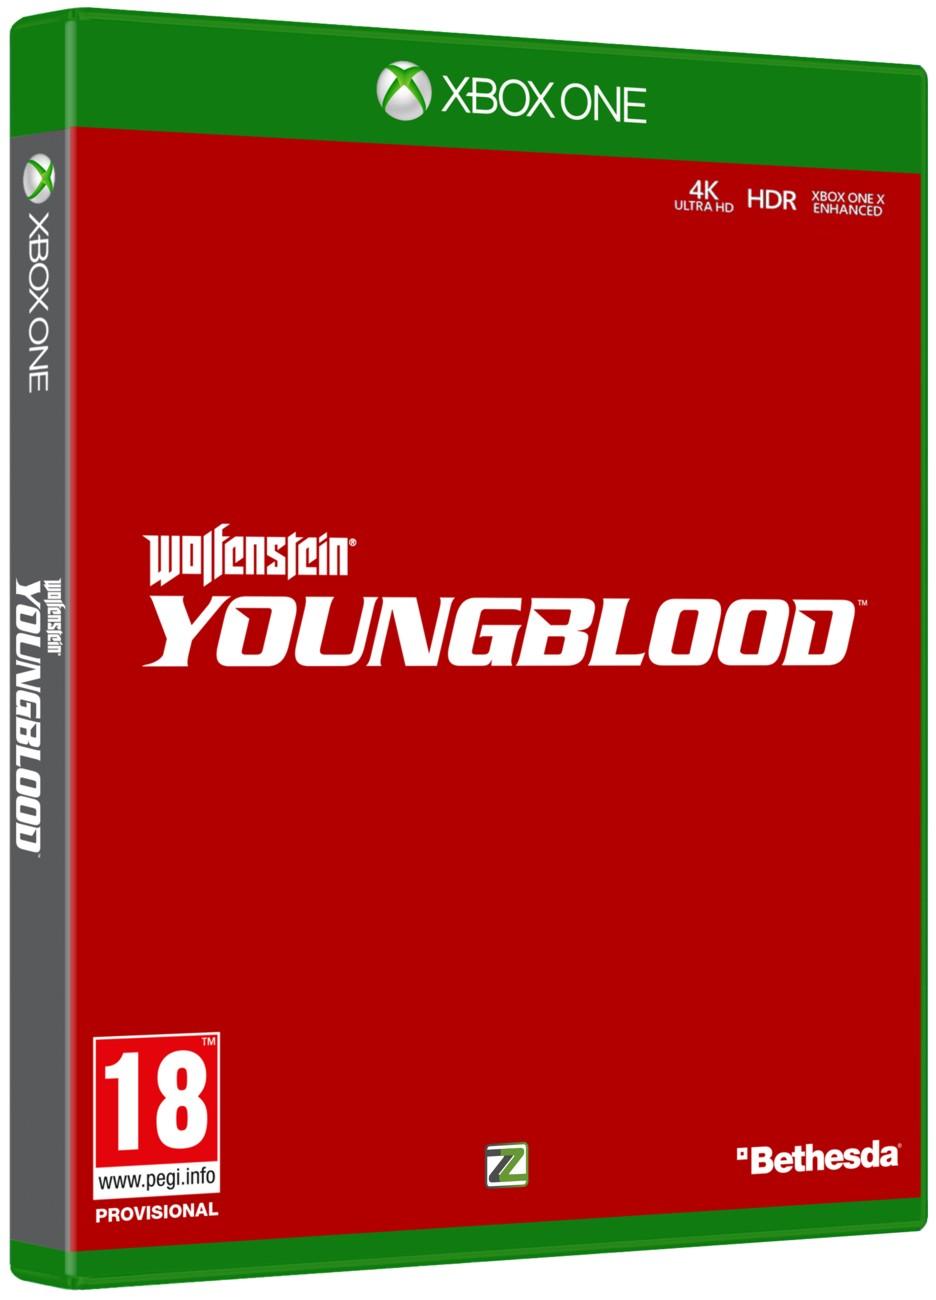 Wolfenstein Youngblood - Xone